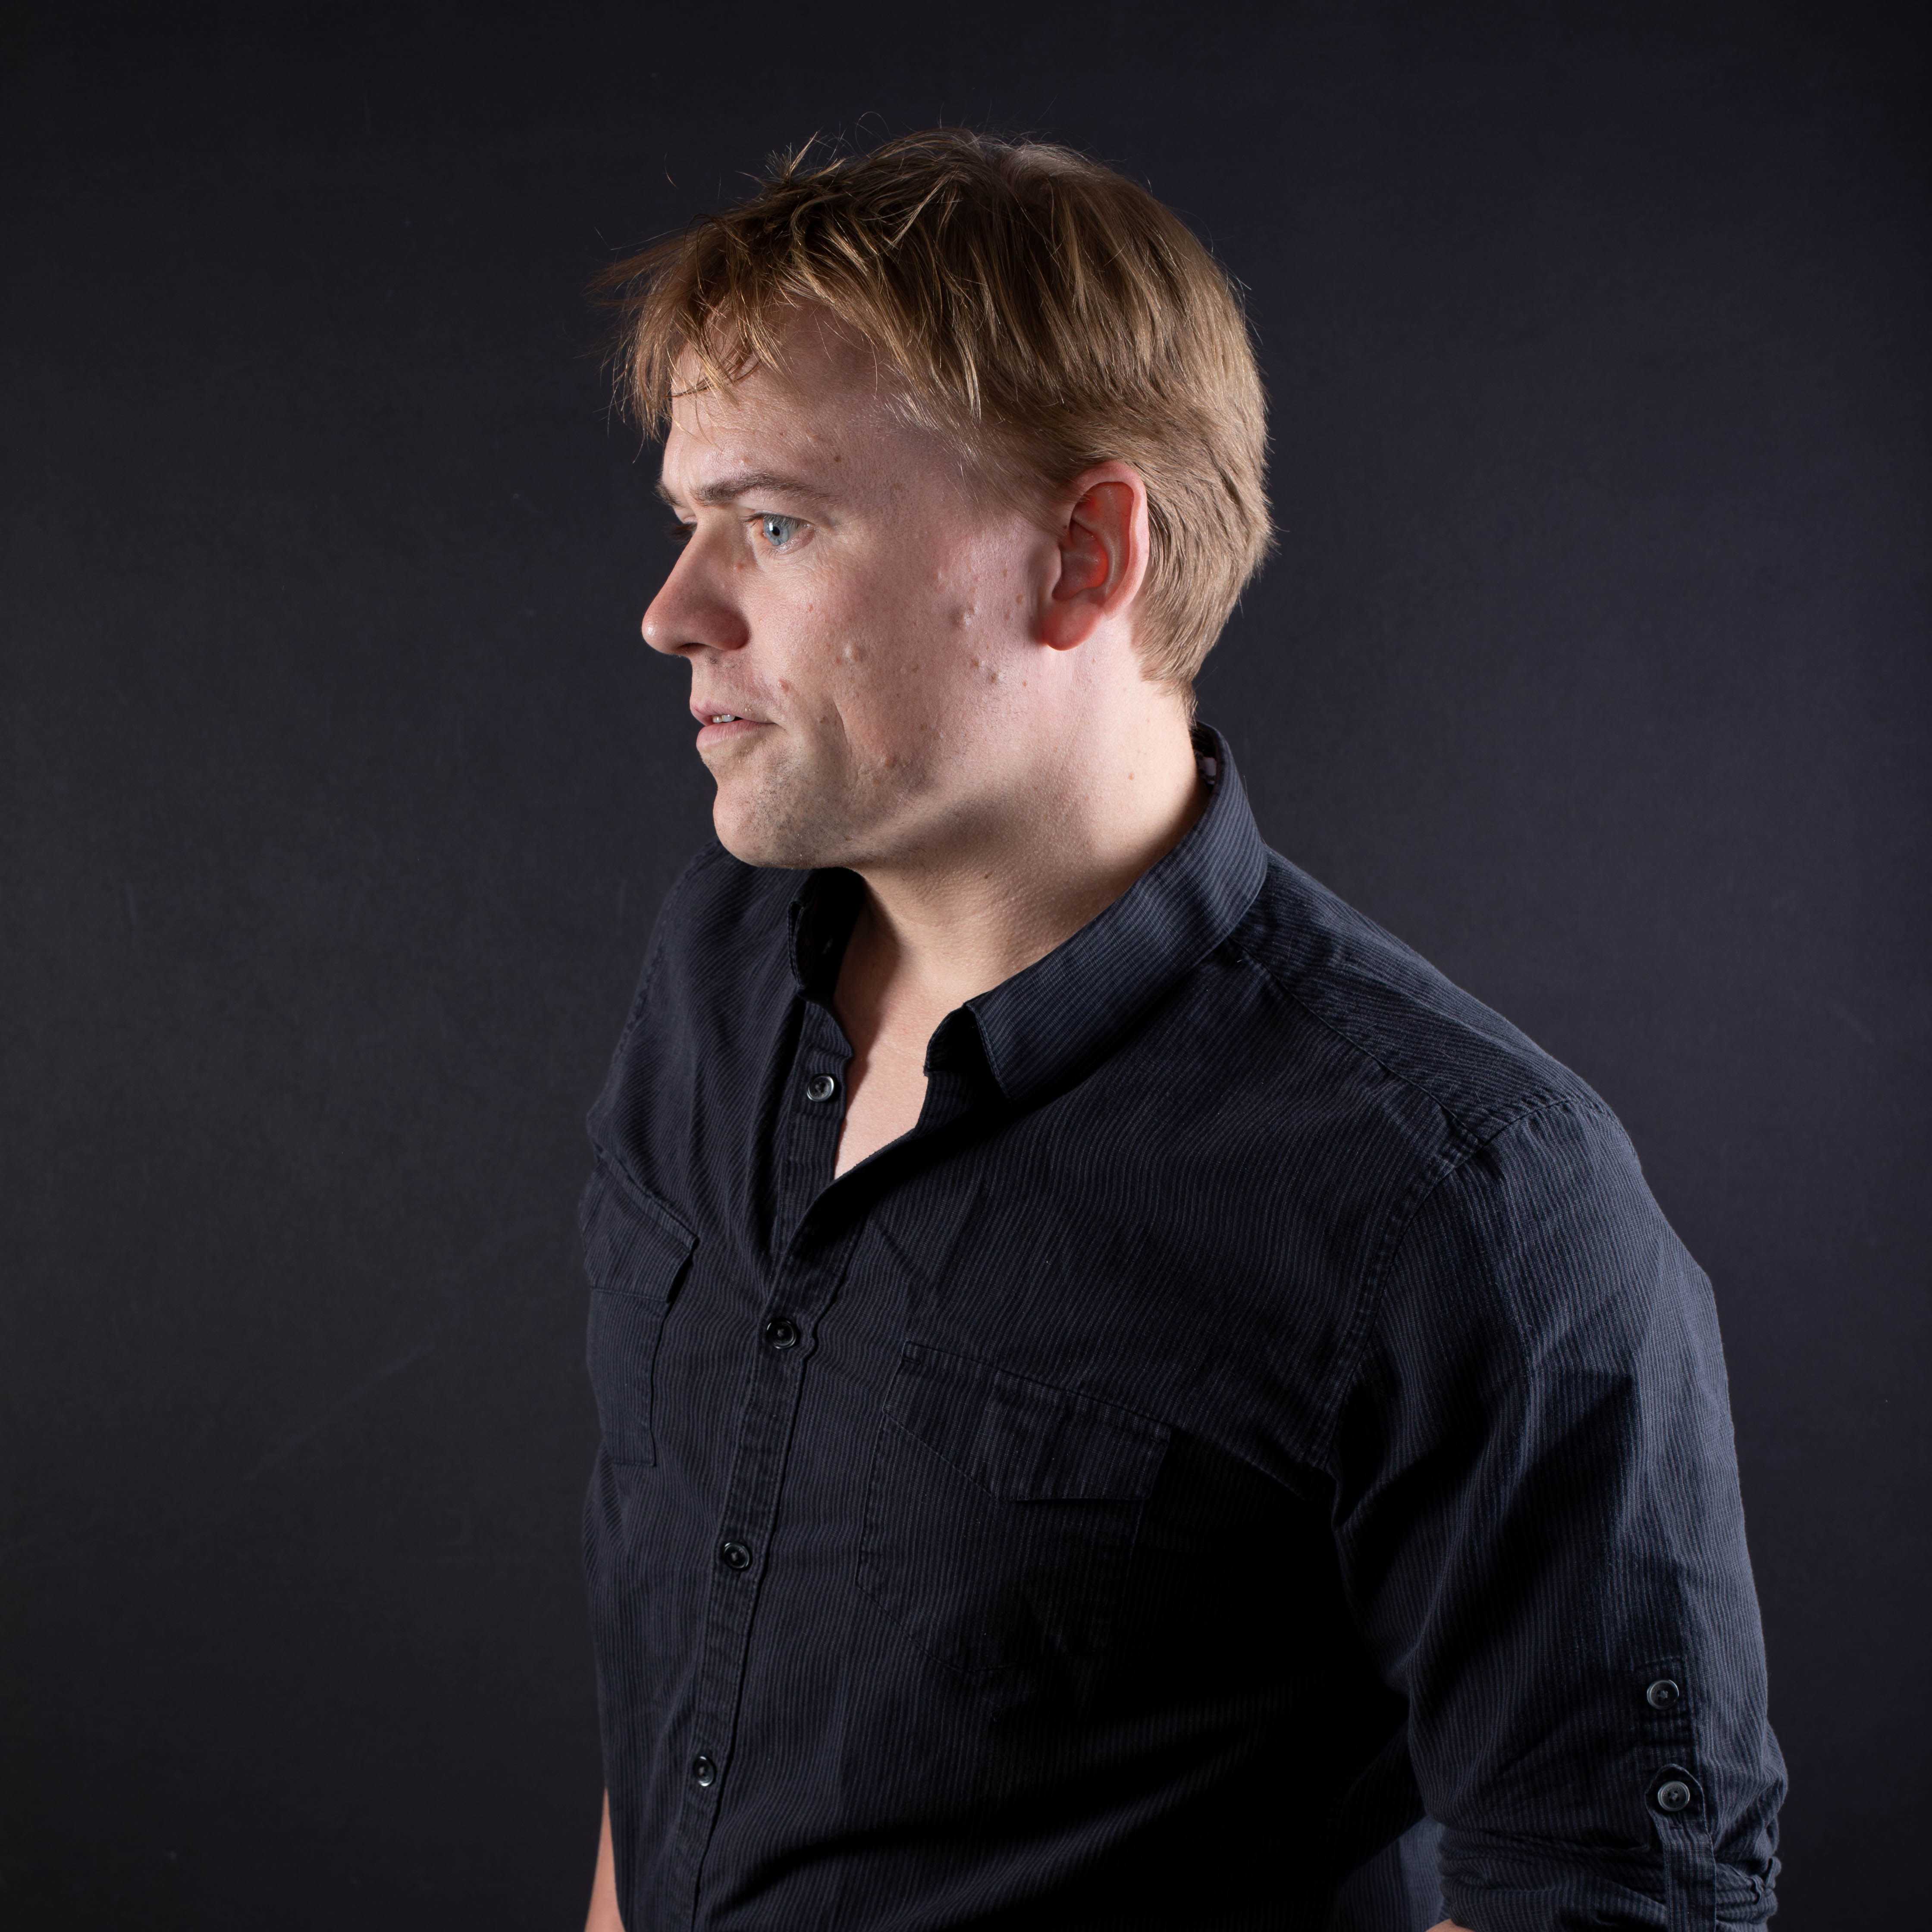 Sean Robinson